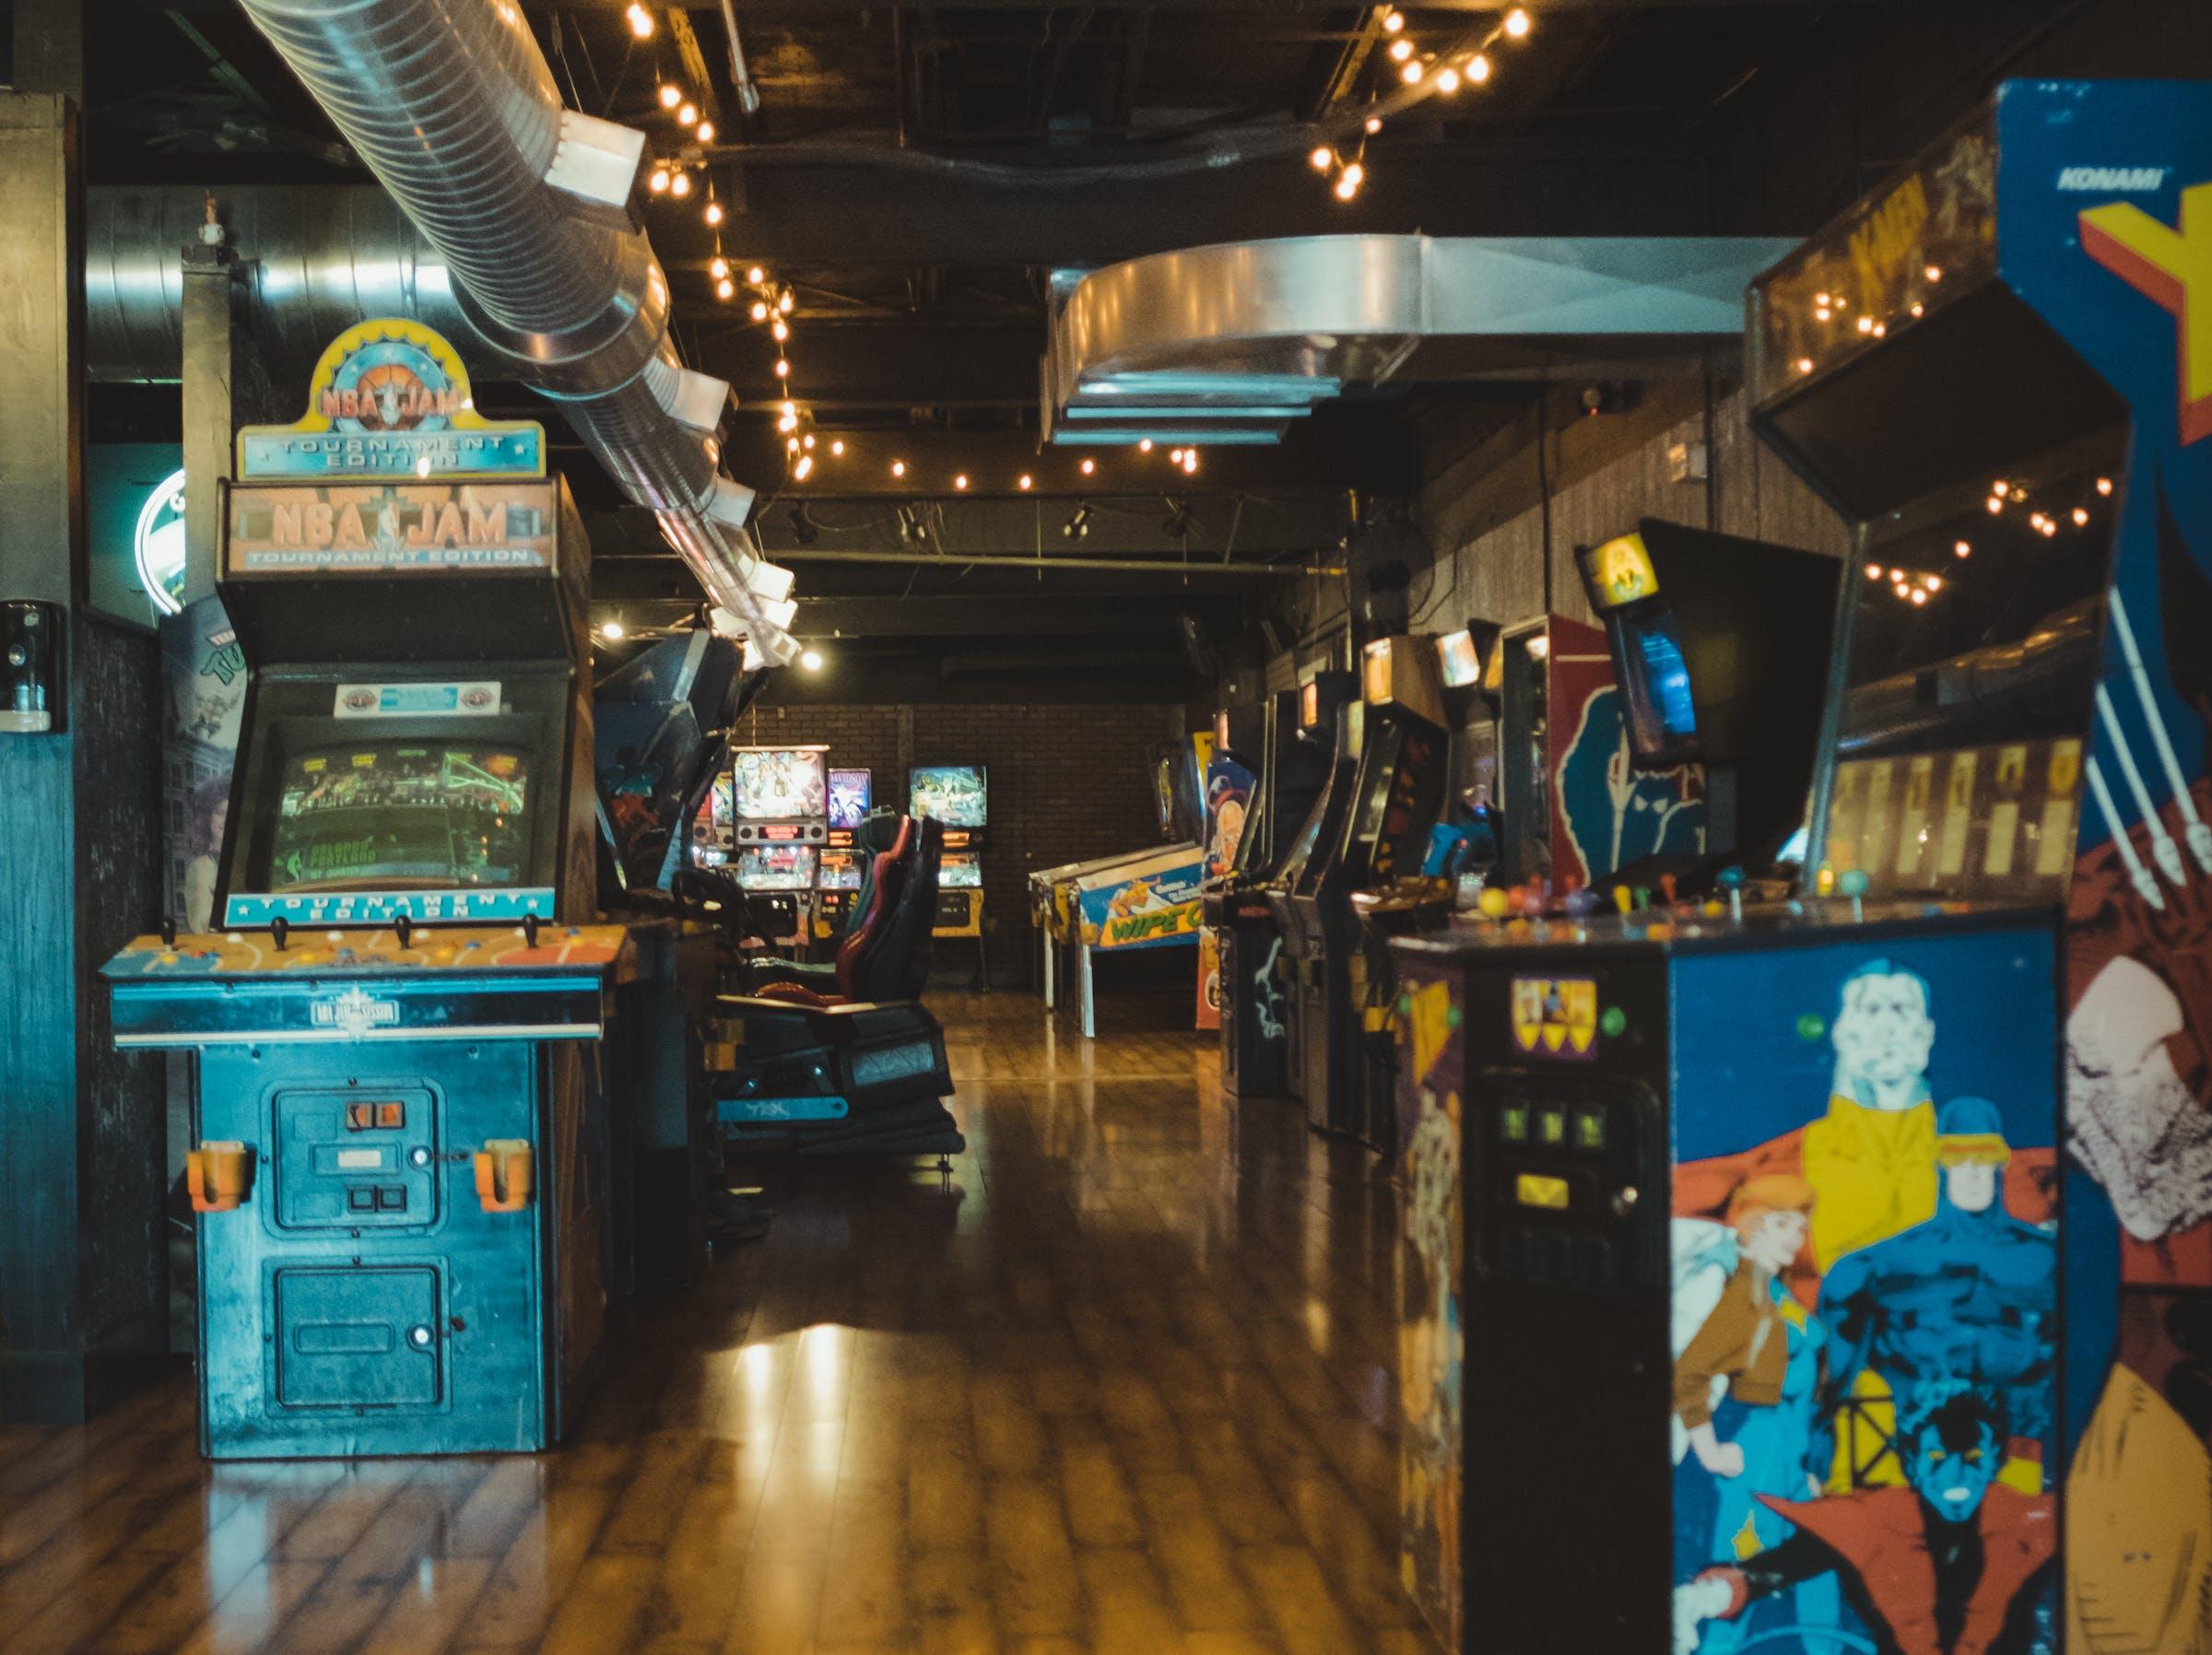 retro gaming nostalgia